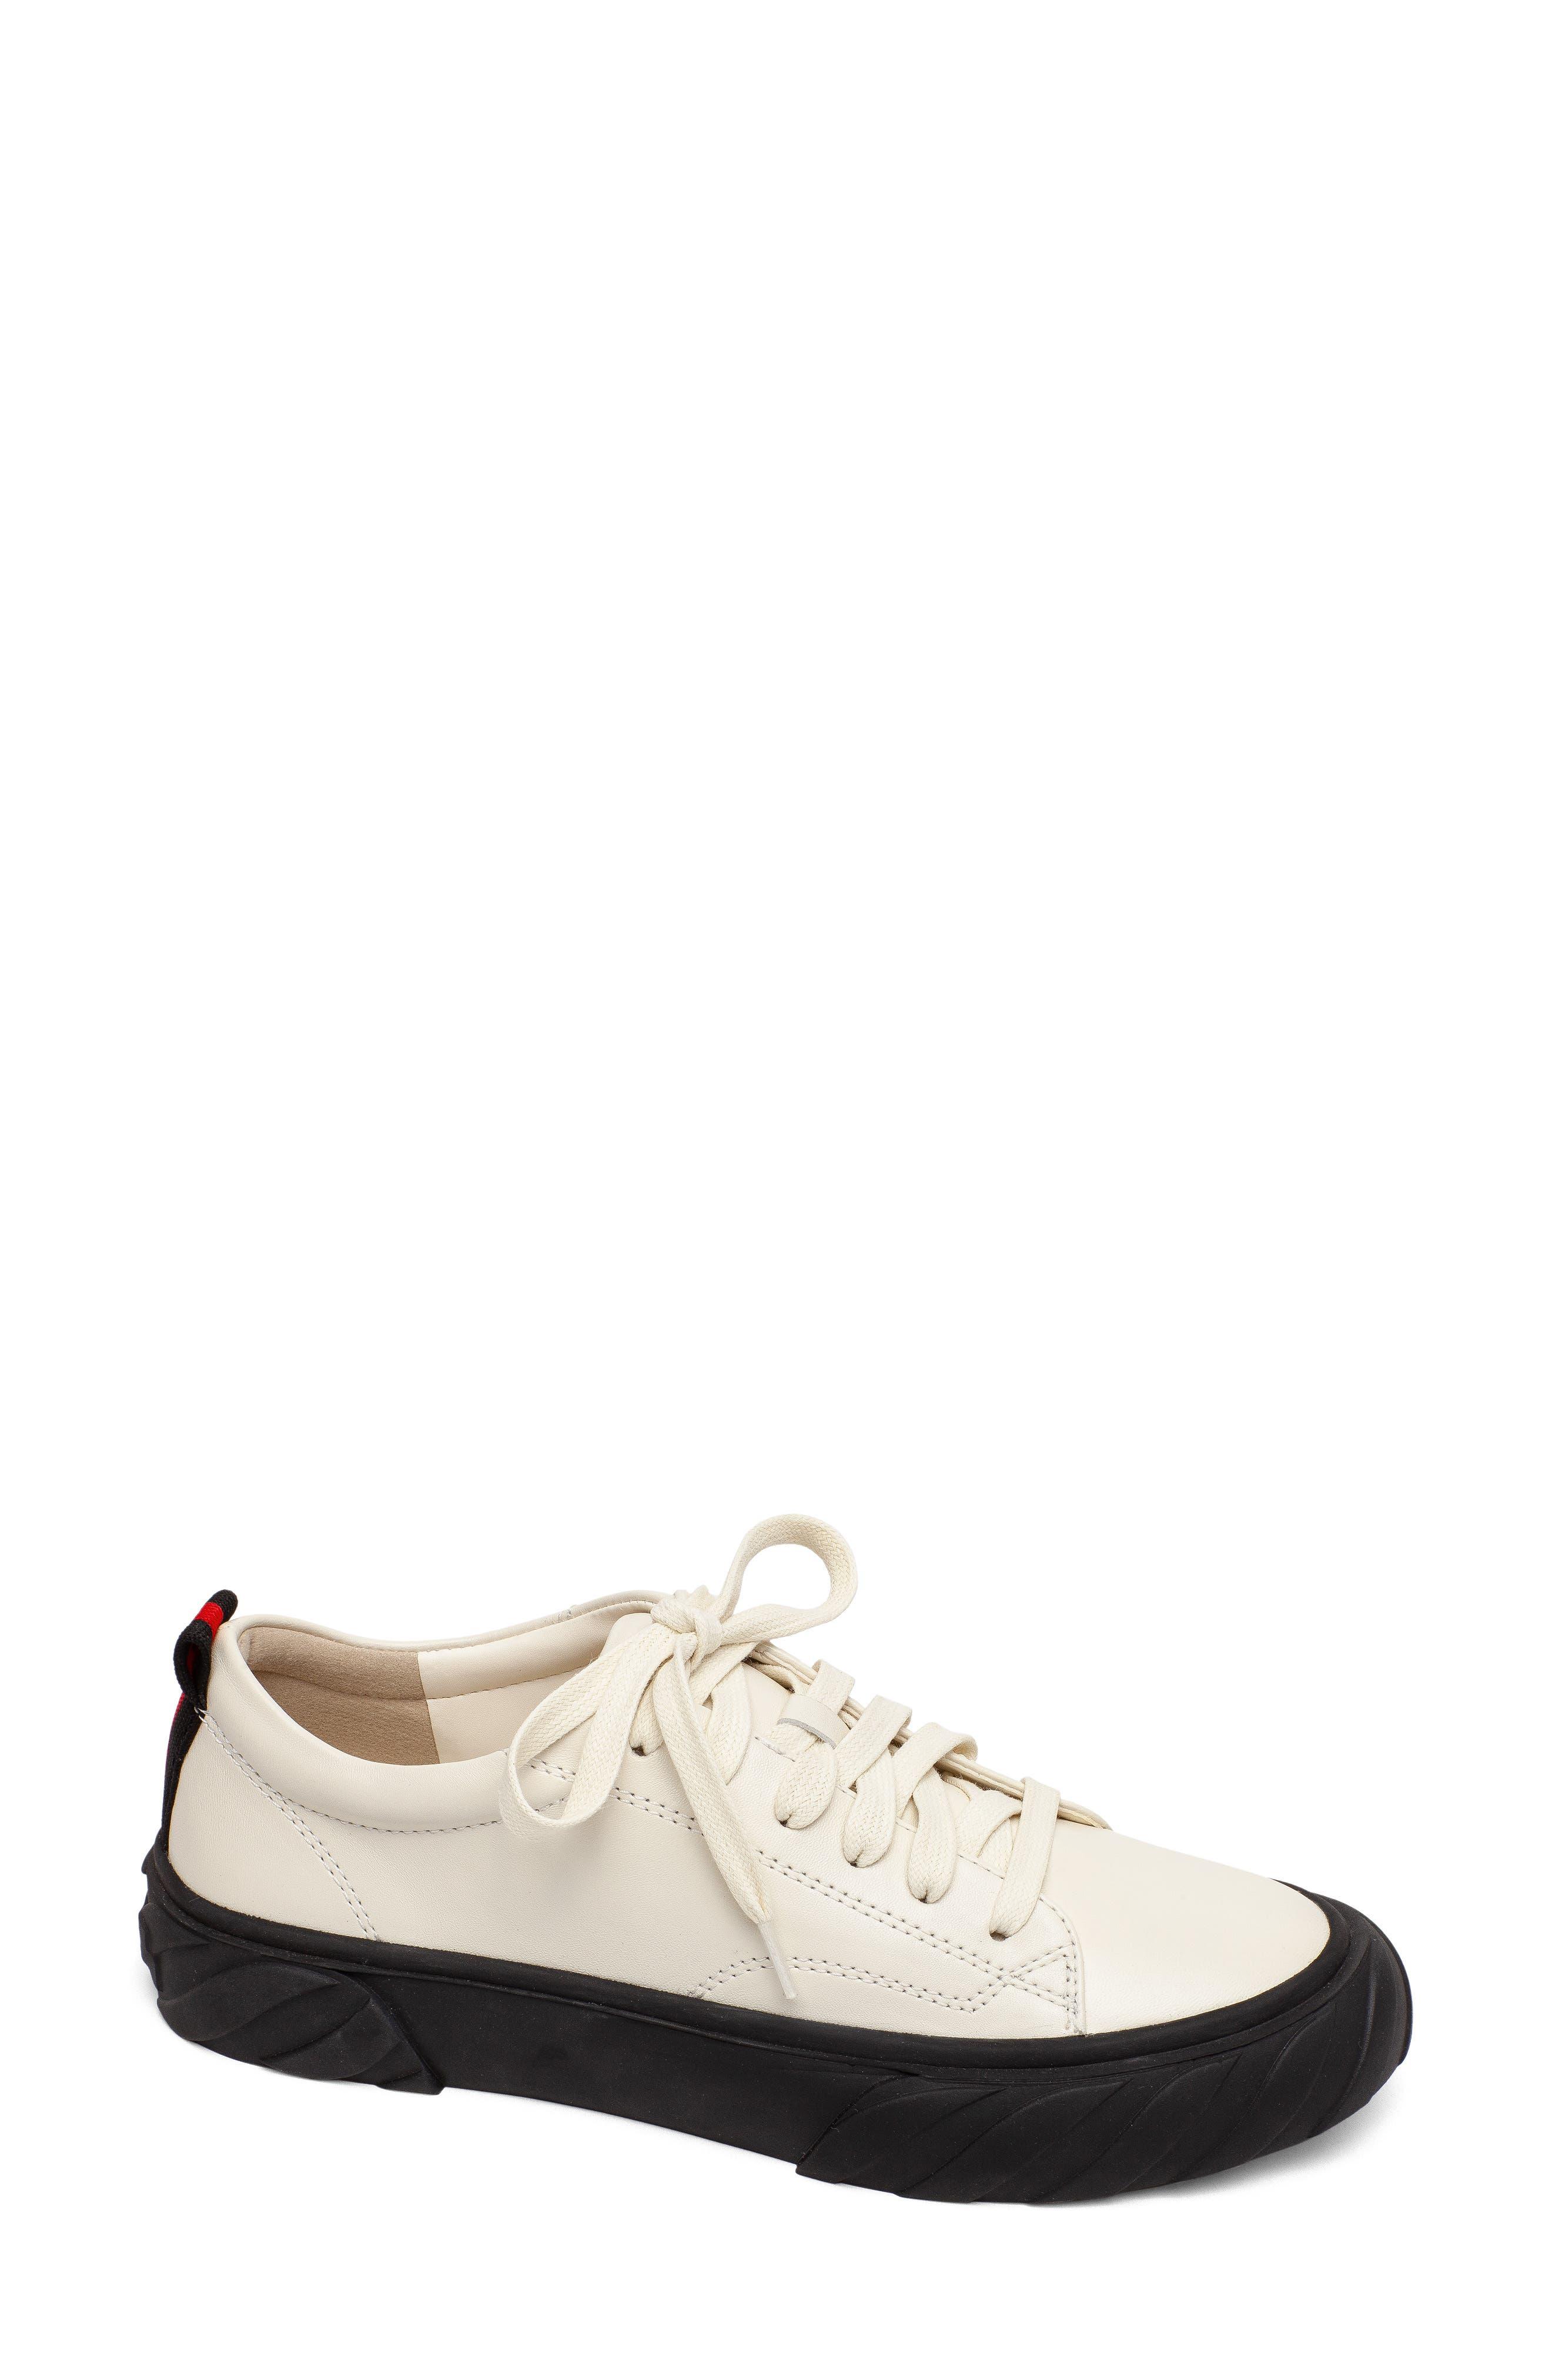 Go Get 'Em Sneaker